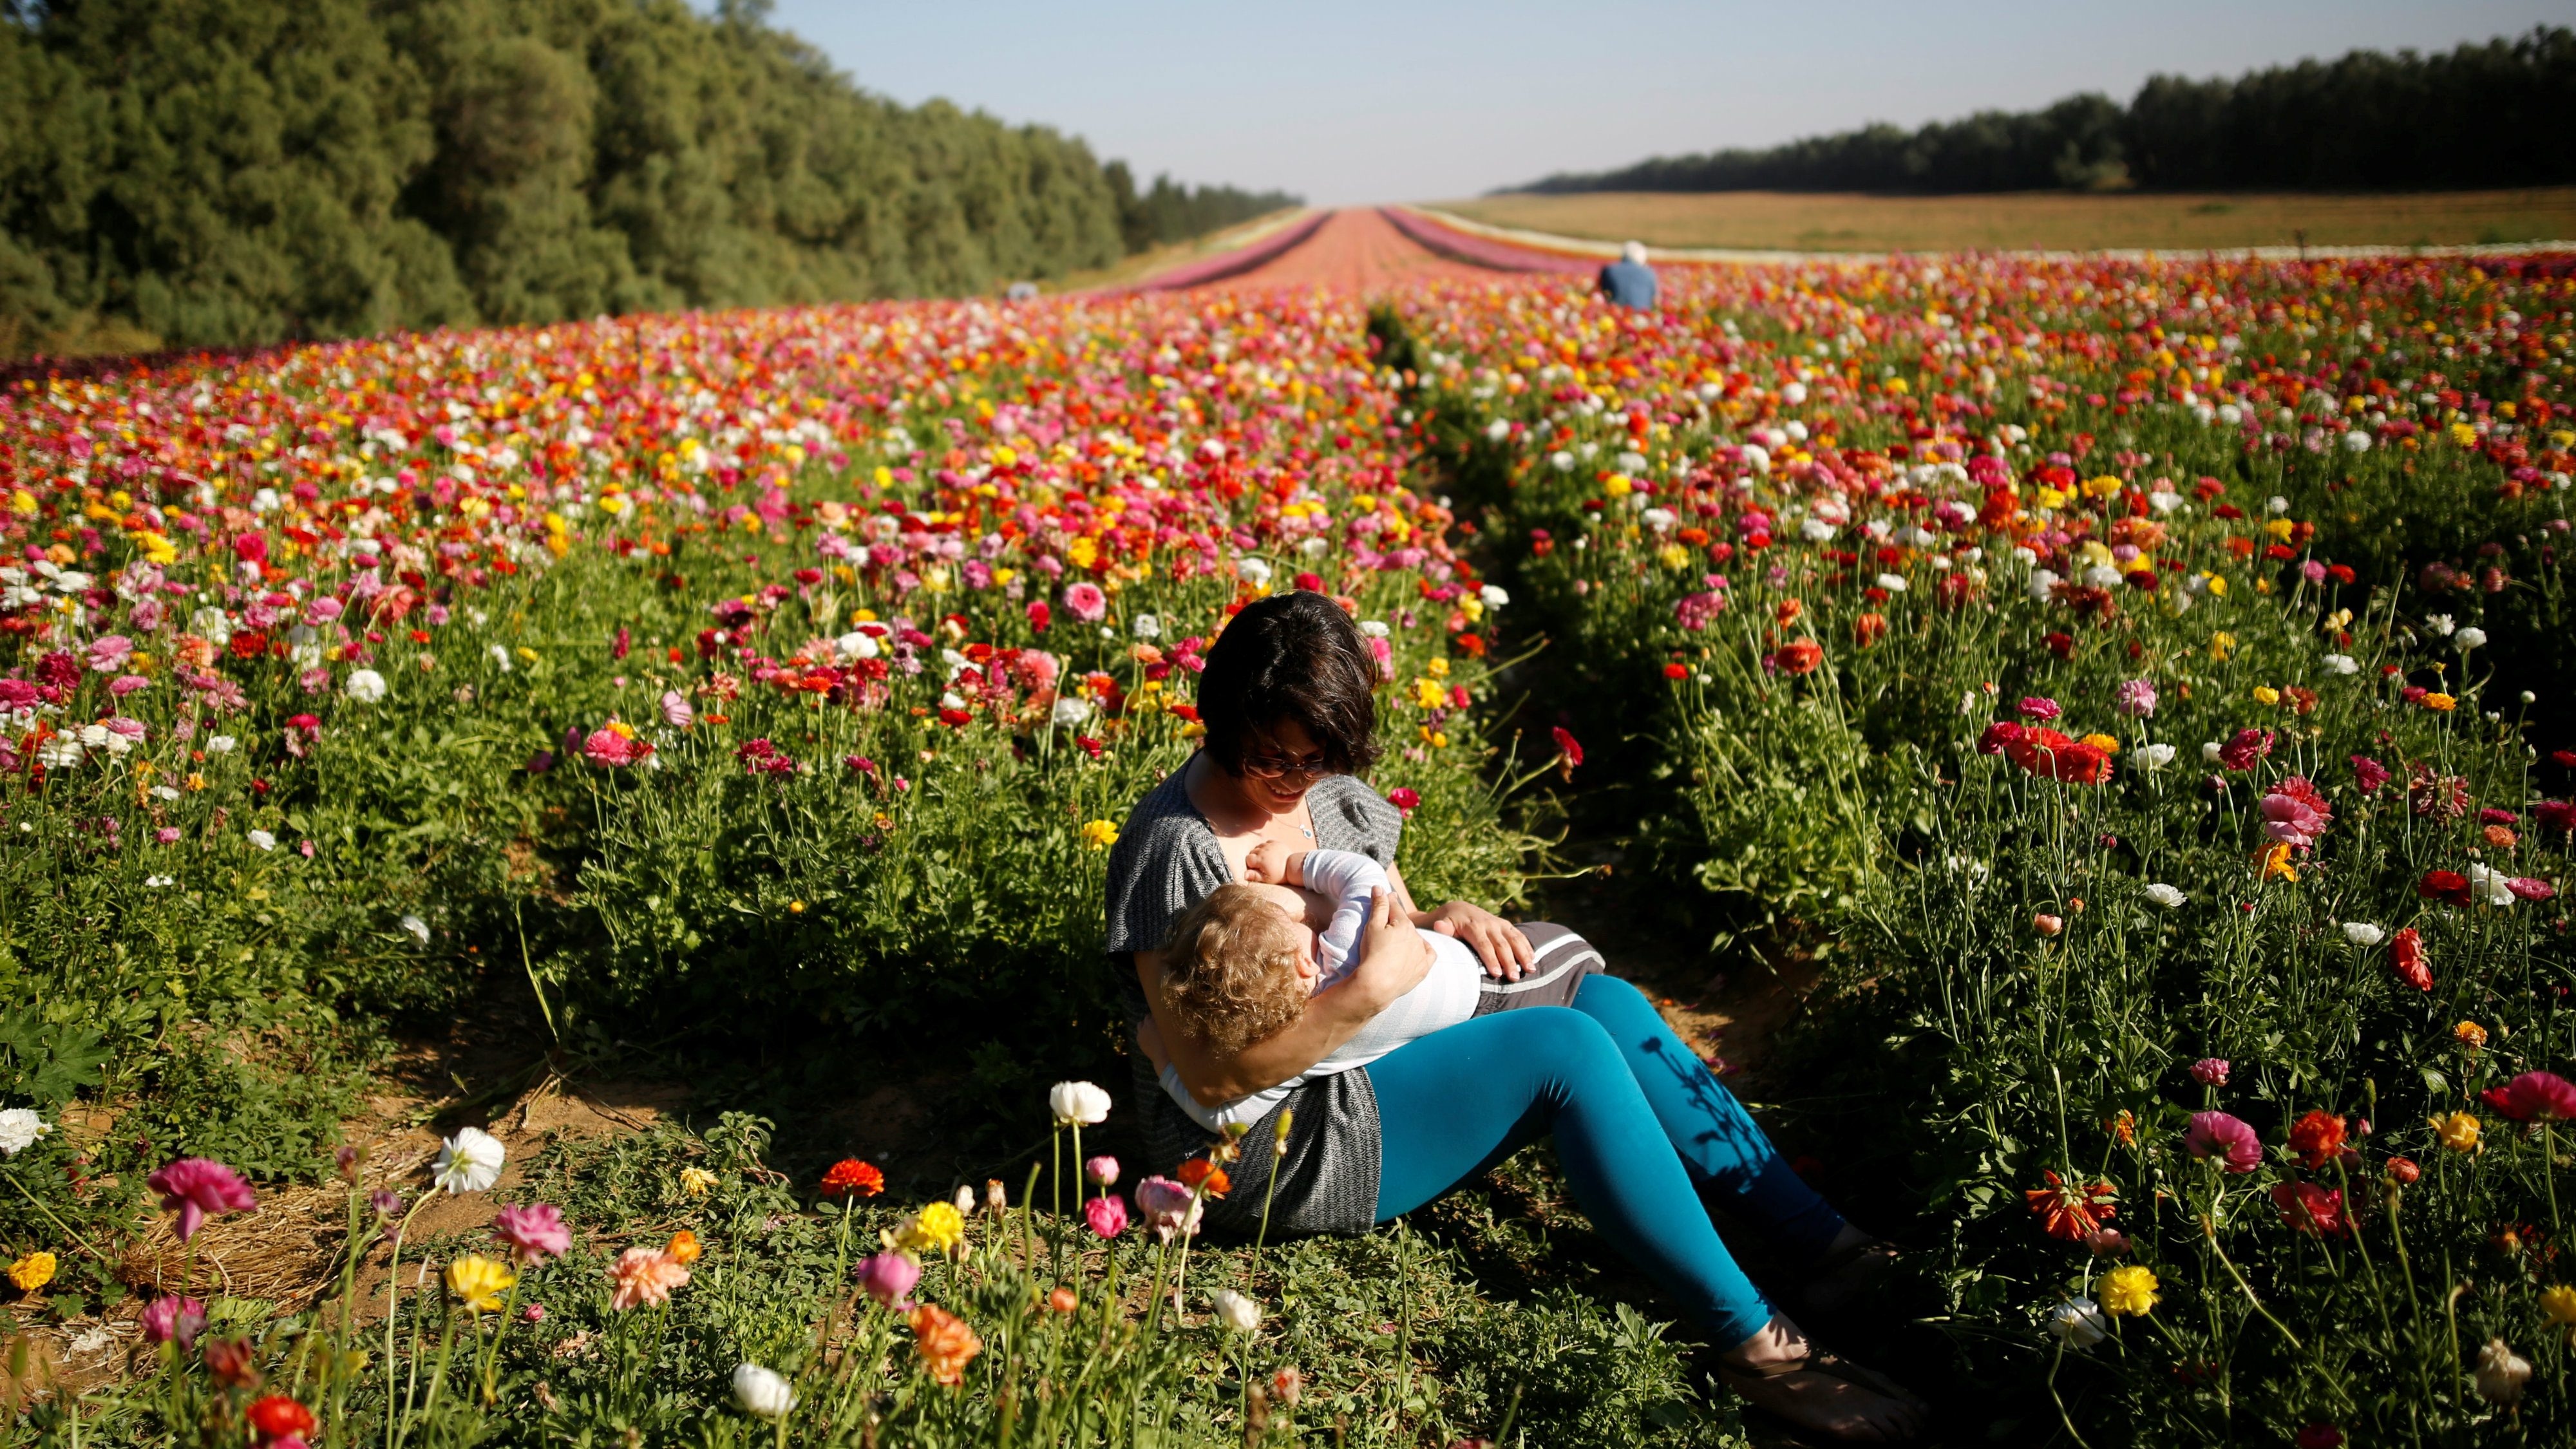 An Israeli woman breastfeeds her baby in a buttercup field near Kibbutz Nir Yitzhak in southern Israel